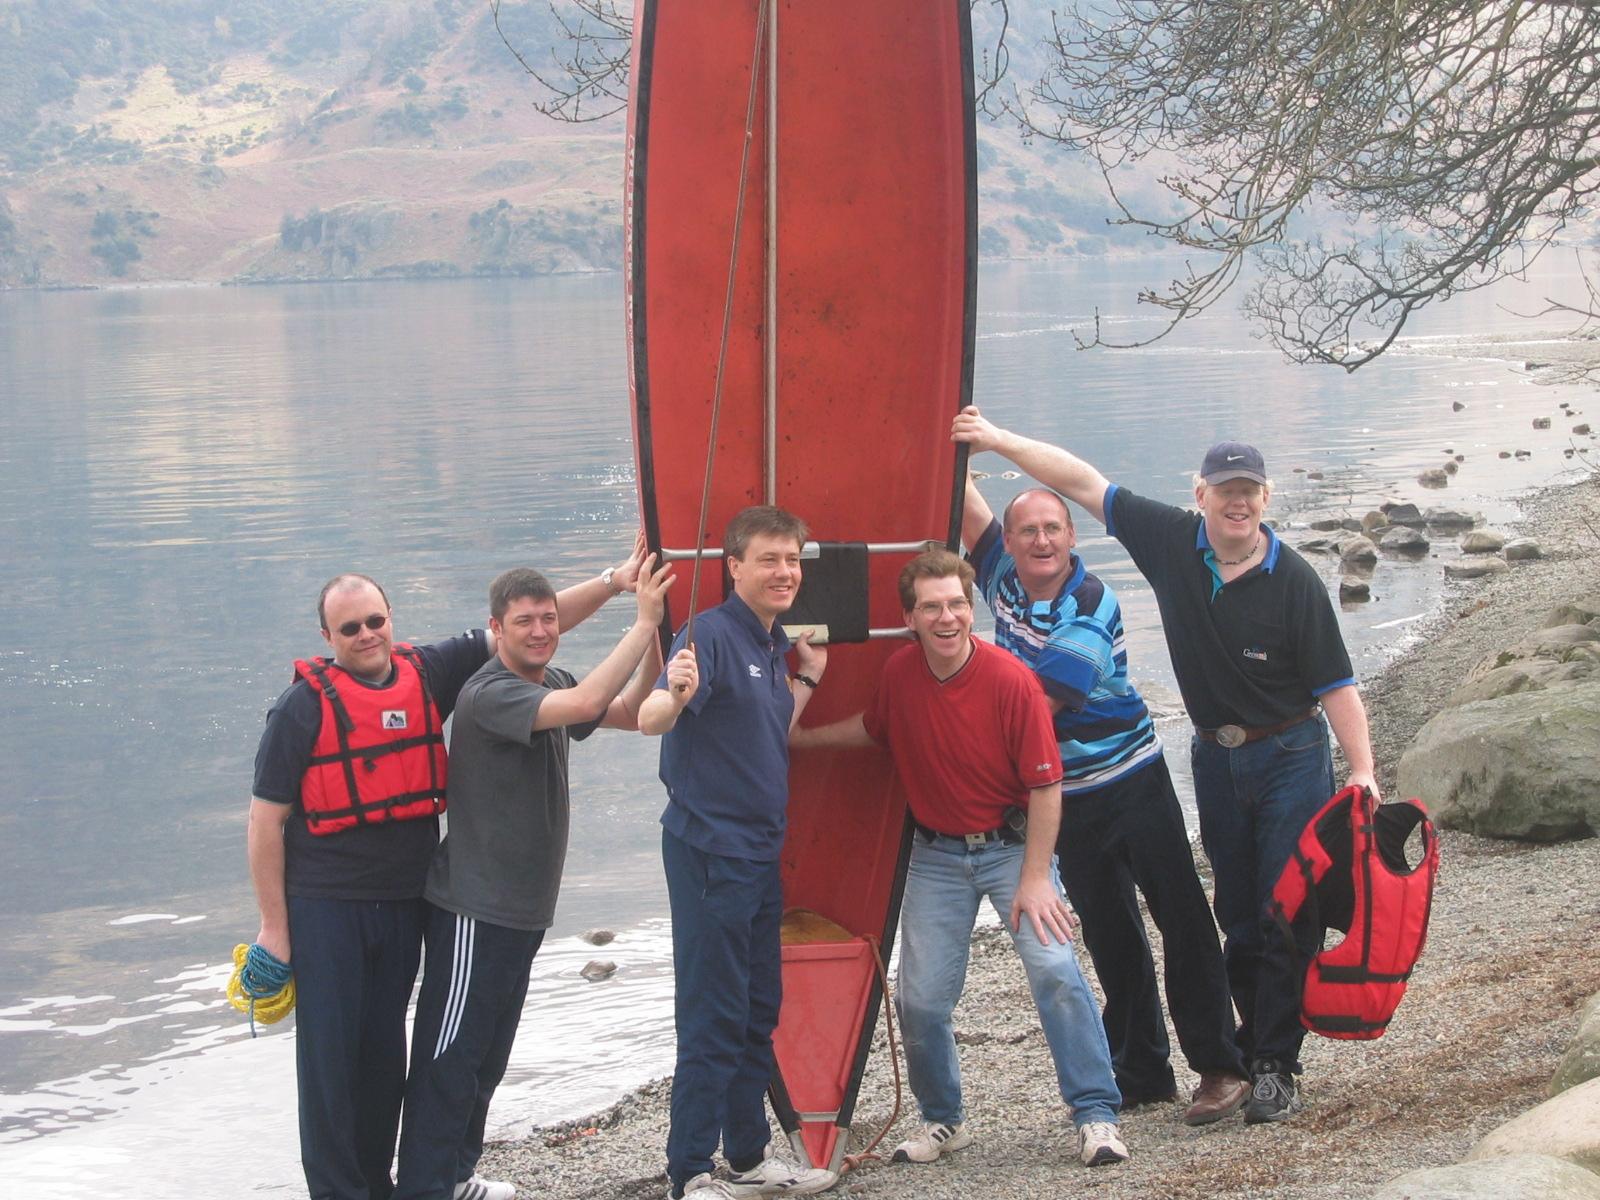 Outdoor adventure training Devon